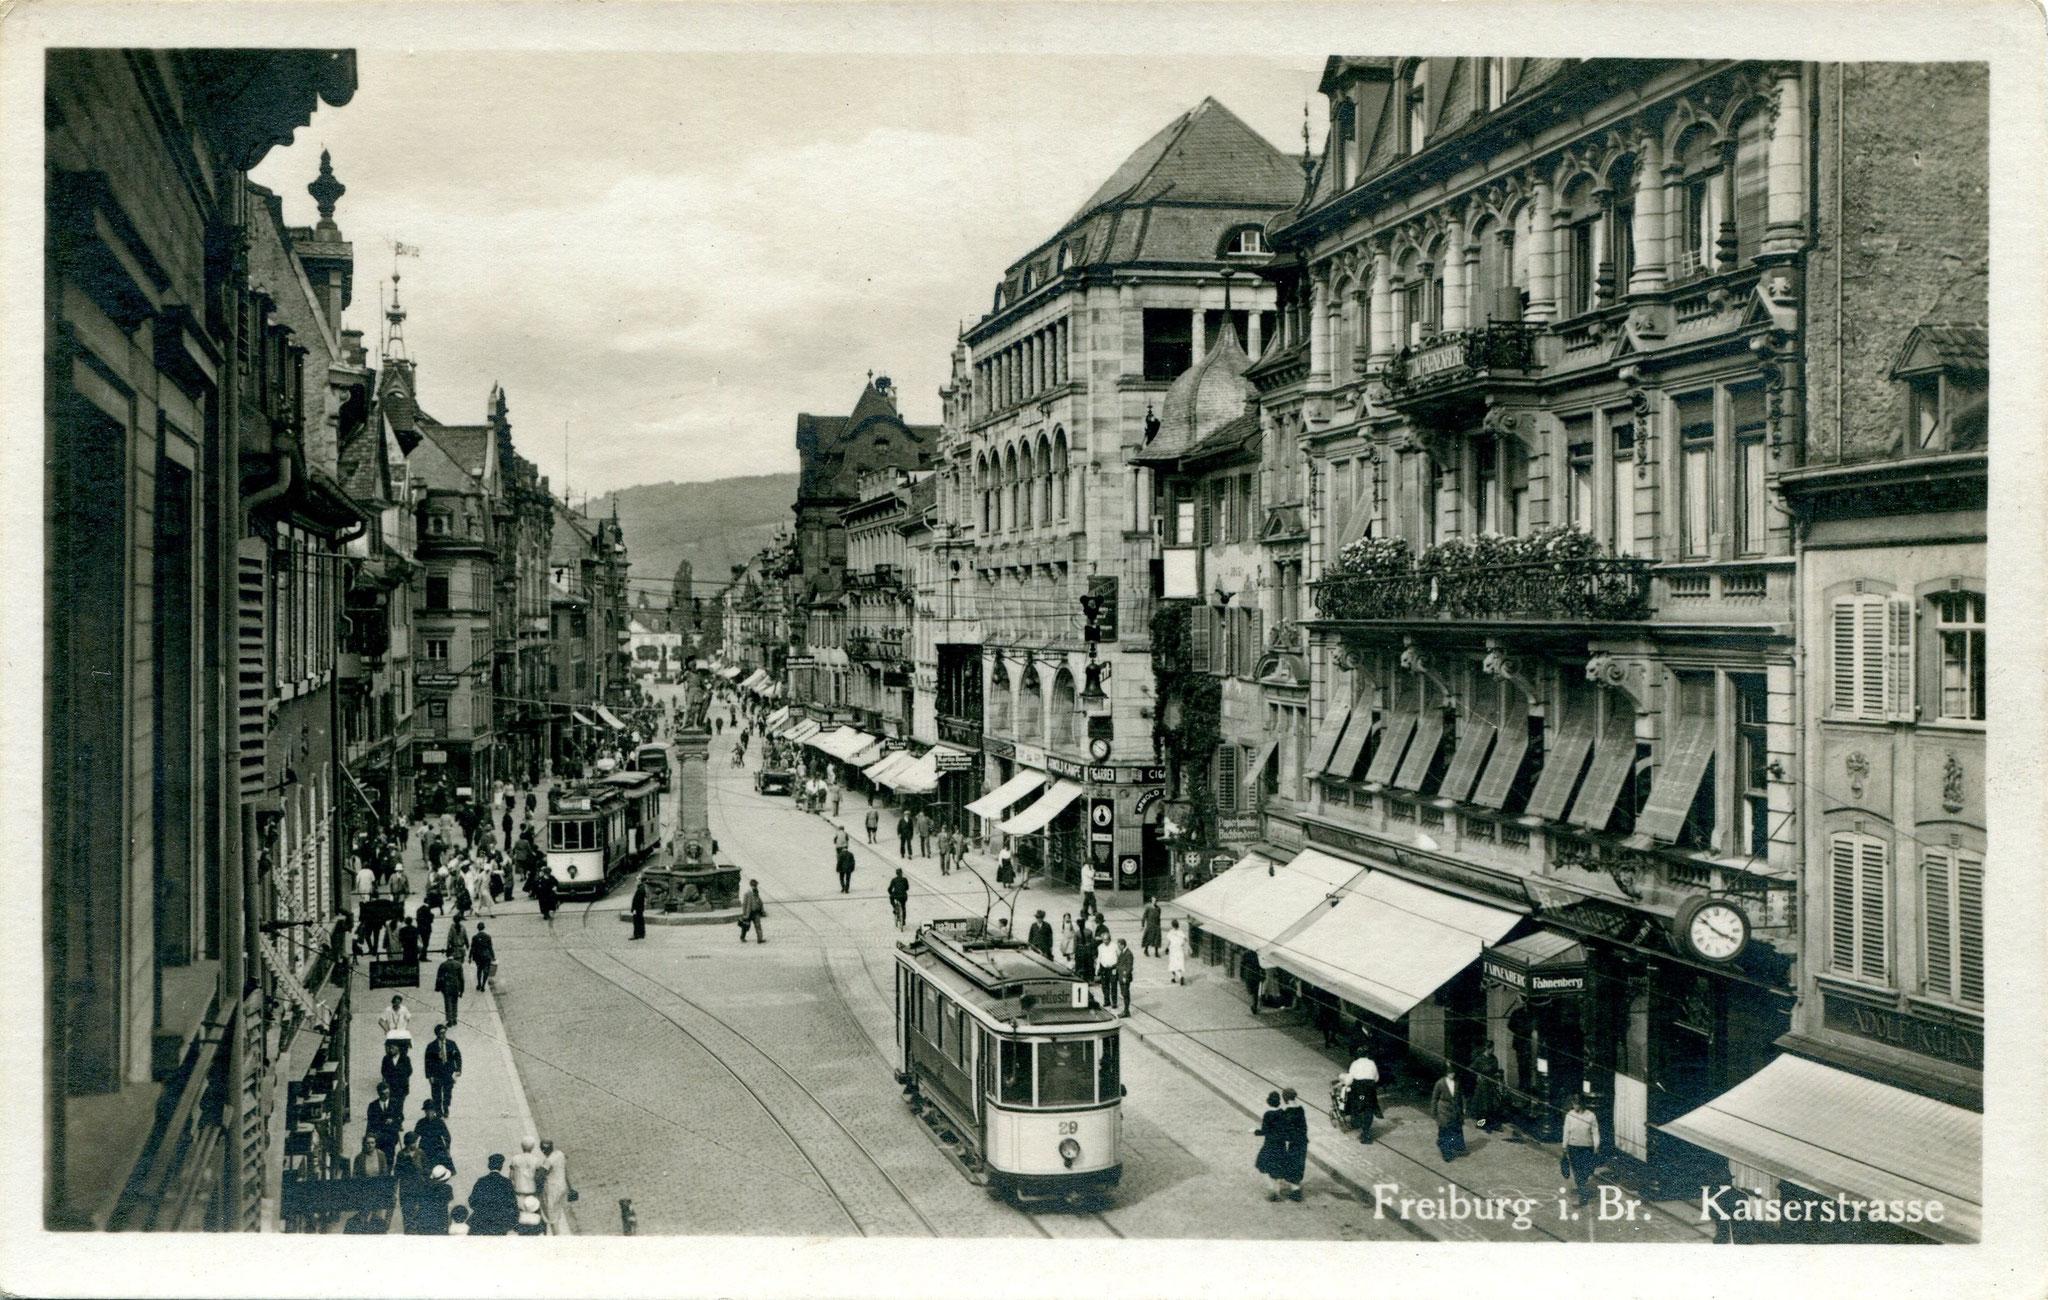 Bild: Archiv Oehler / Jahr 1930